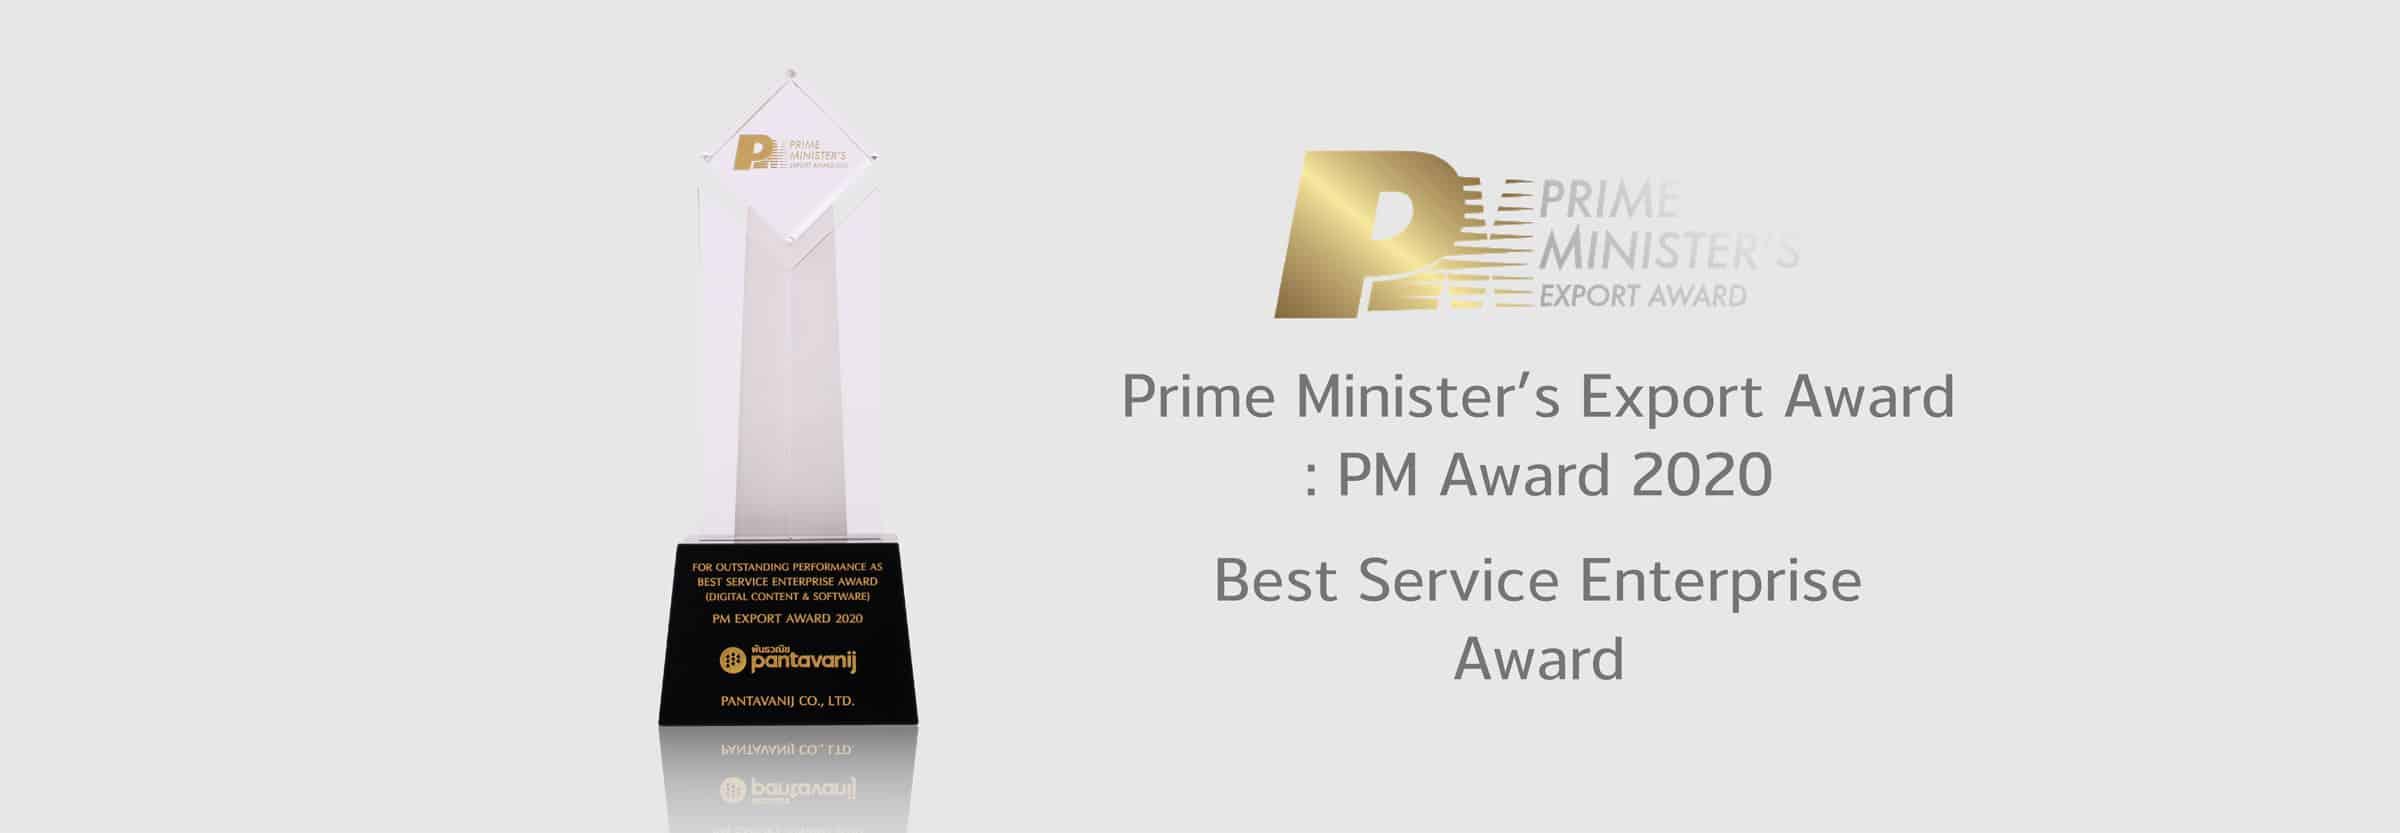 Award-PM-award